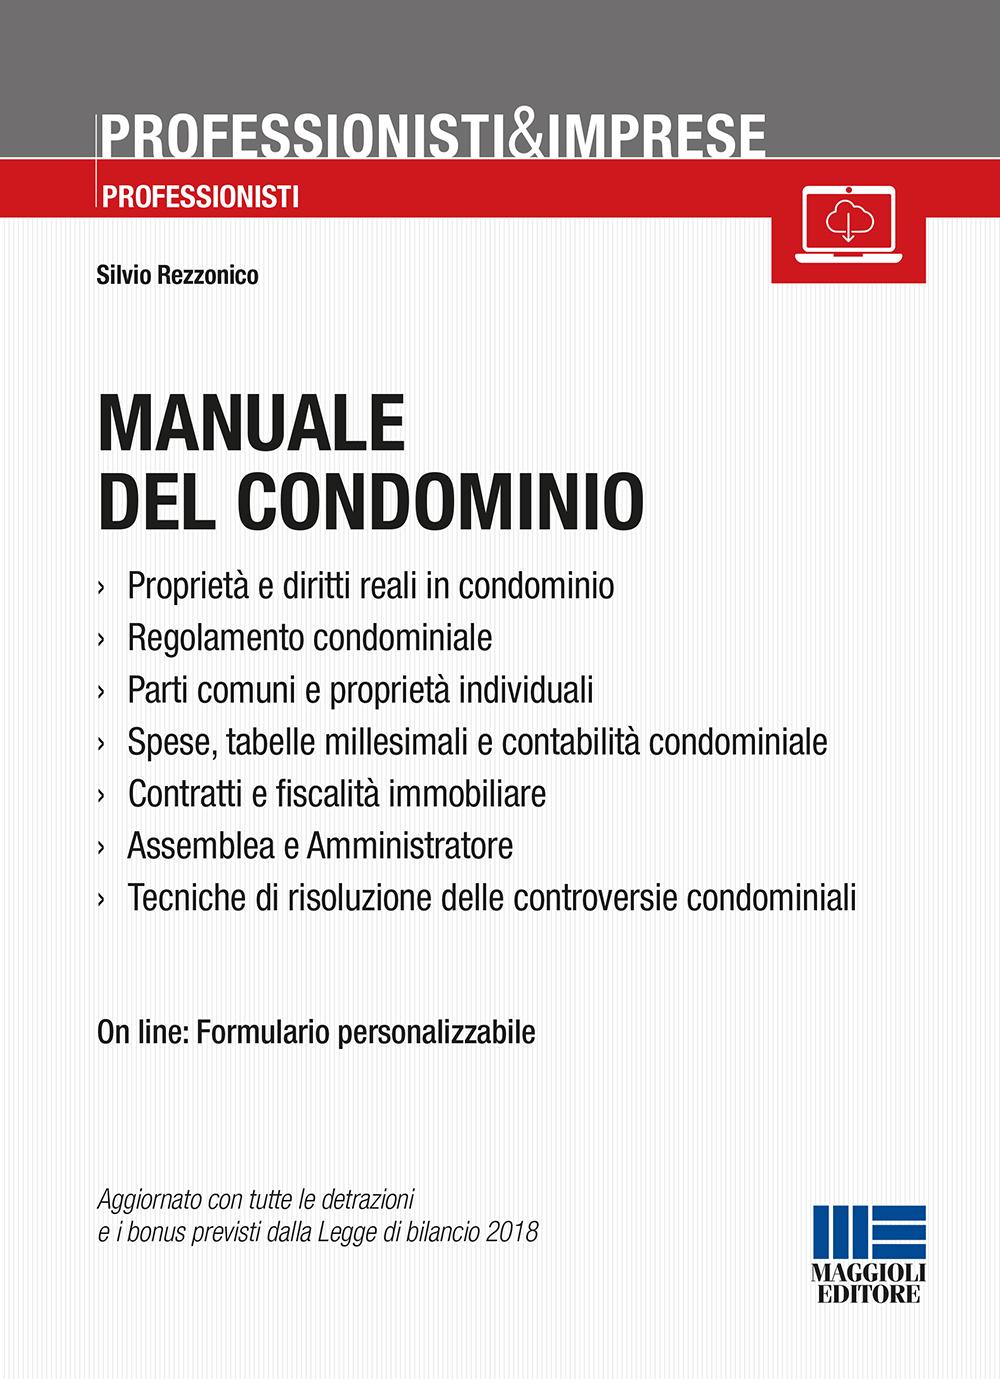 MANUALE DEL CONDOMINIO - Libro carta